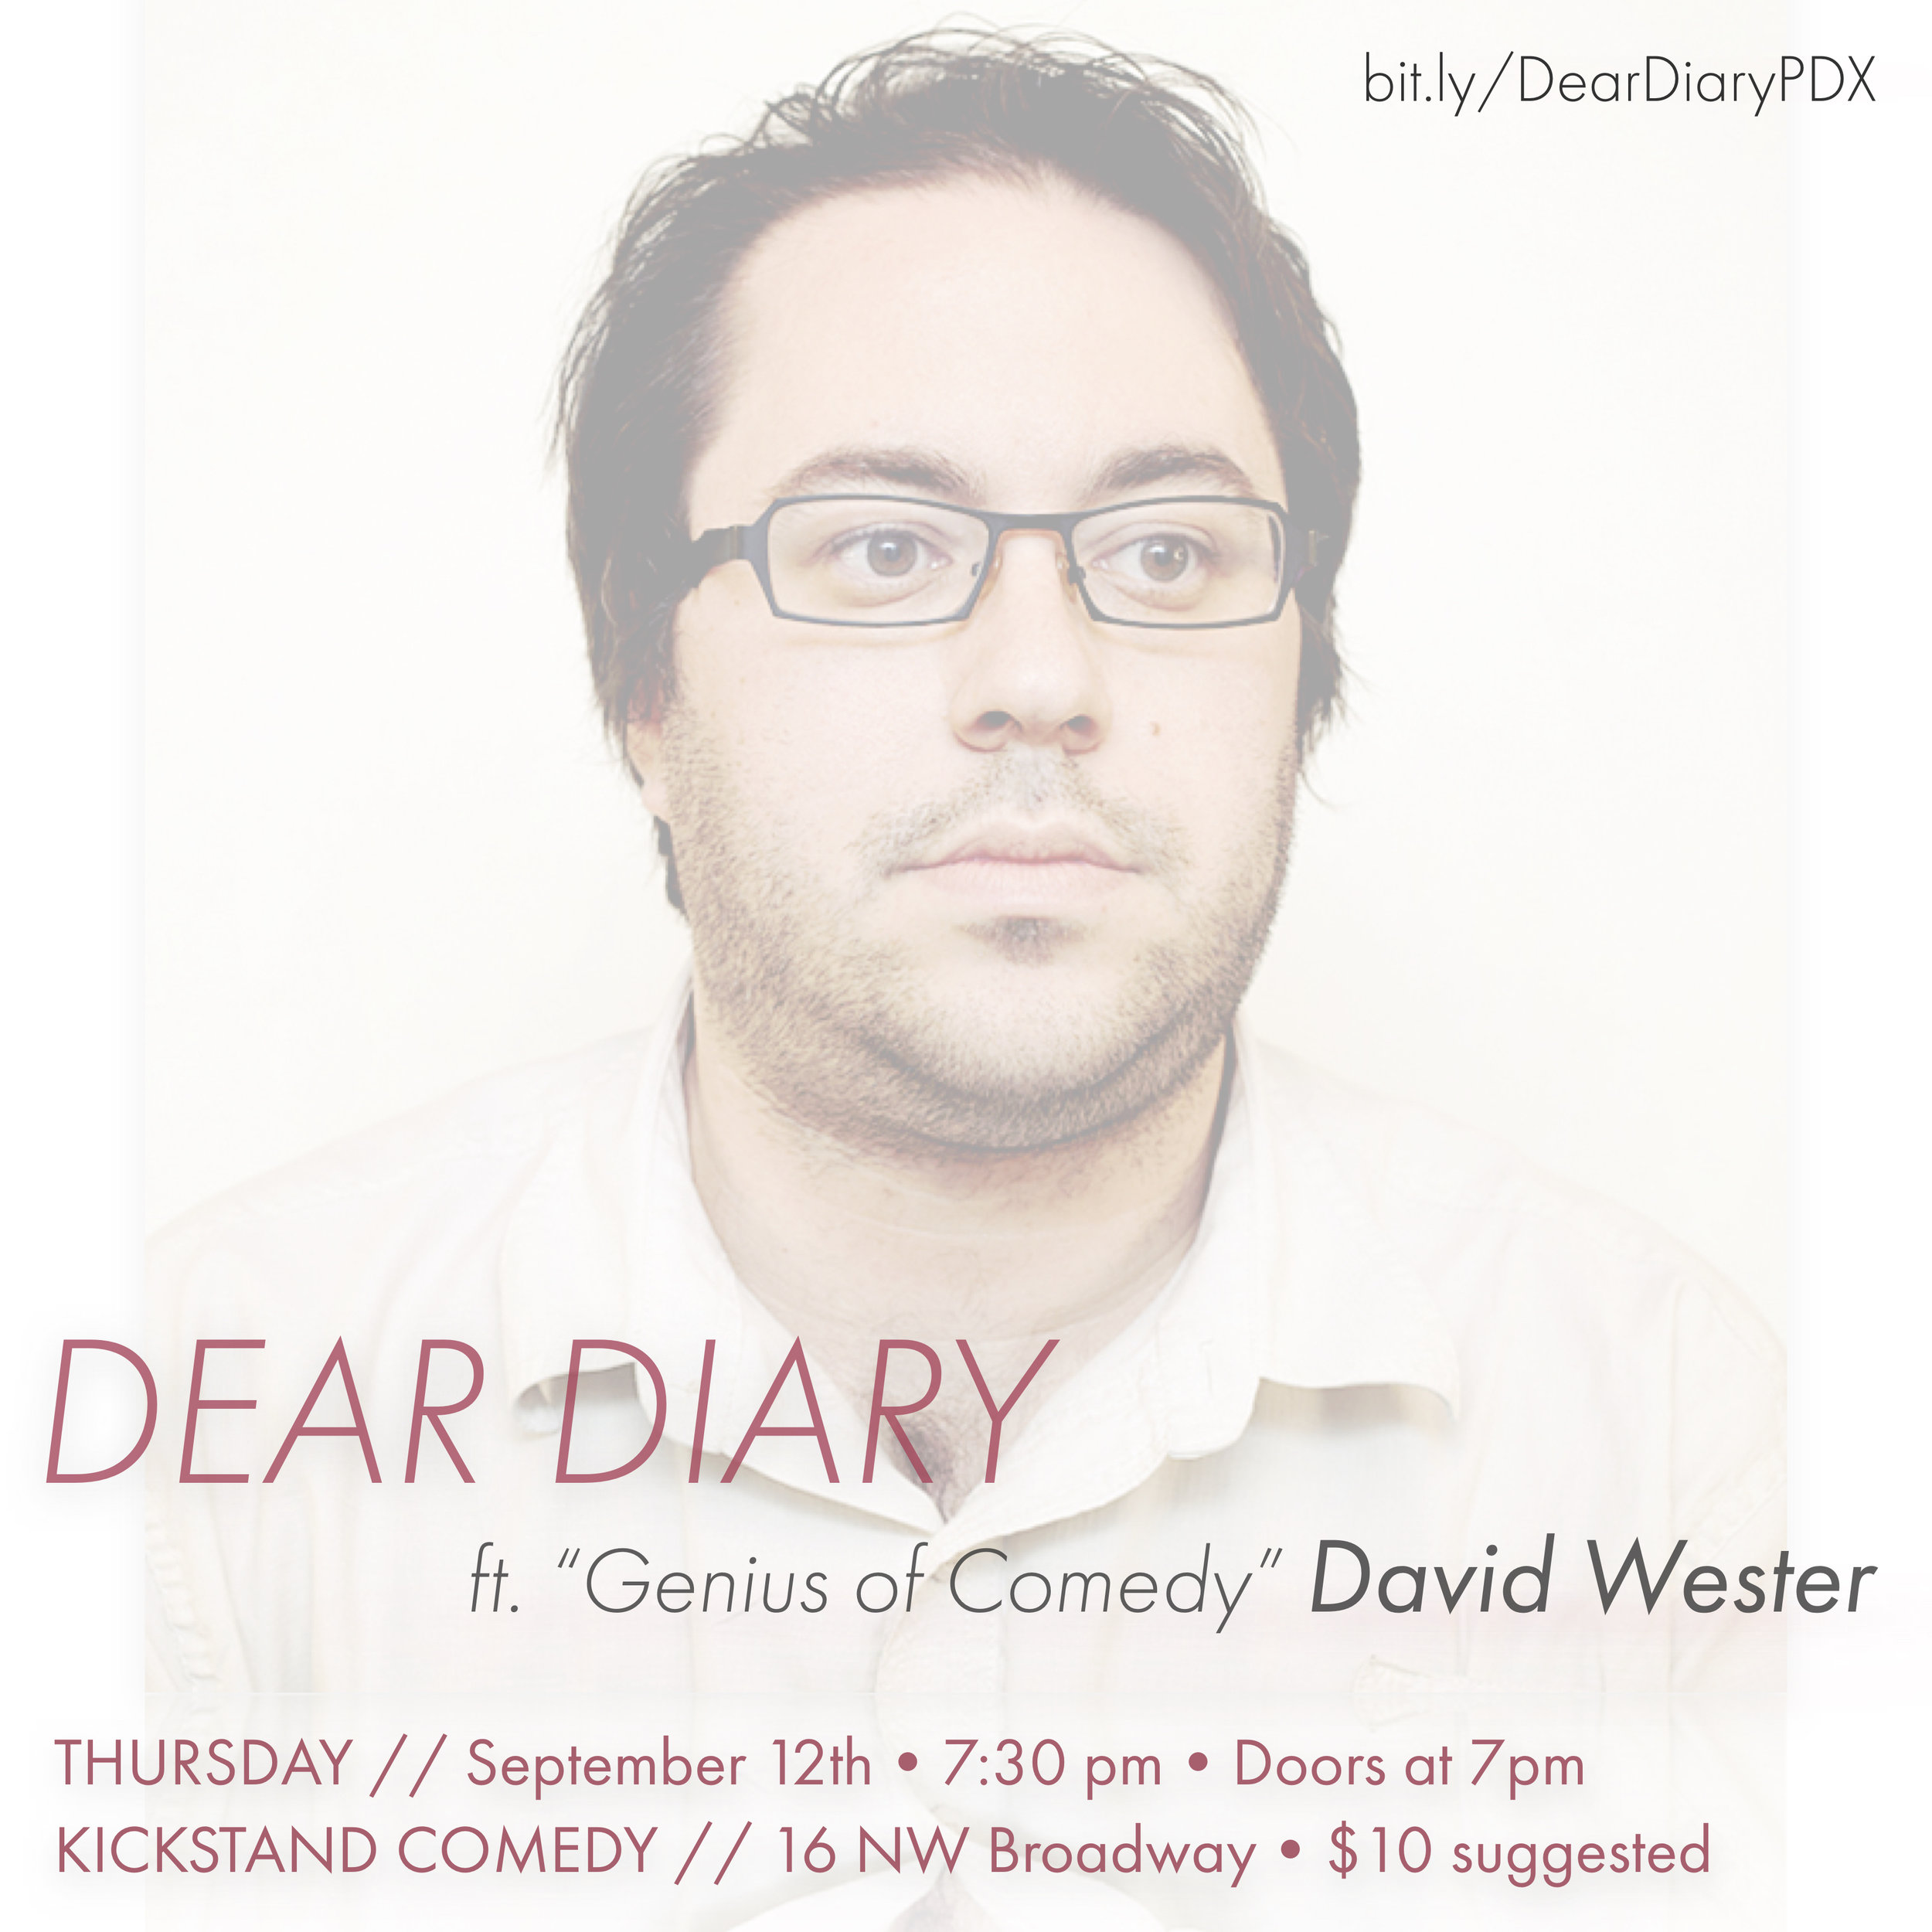 Dear Diary Digital Card_David Wester.jpg